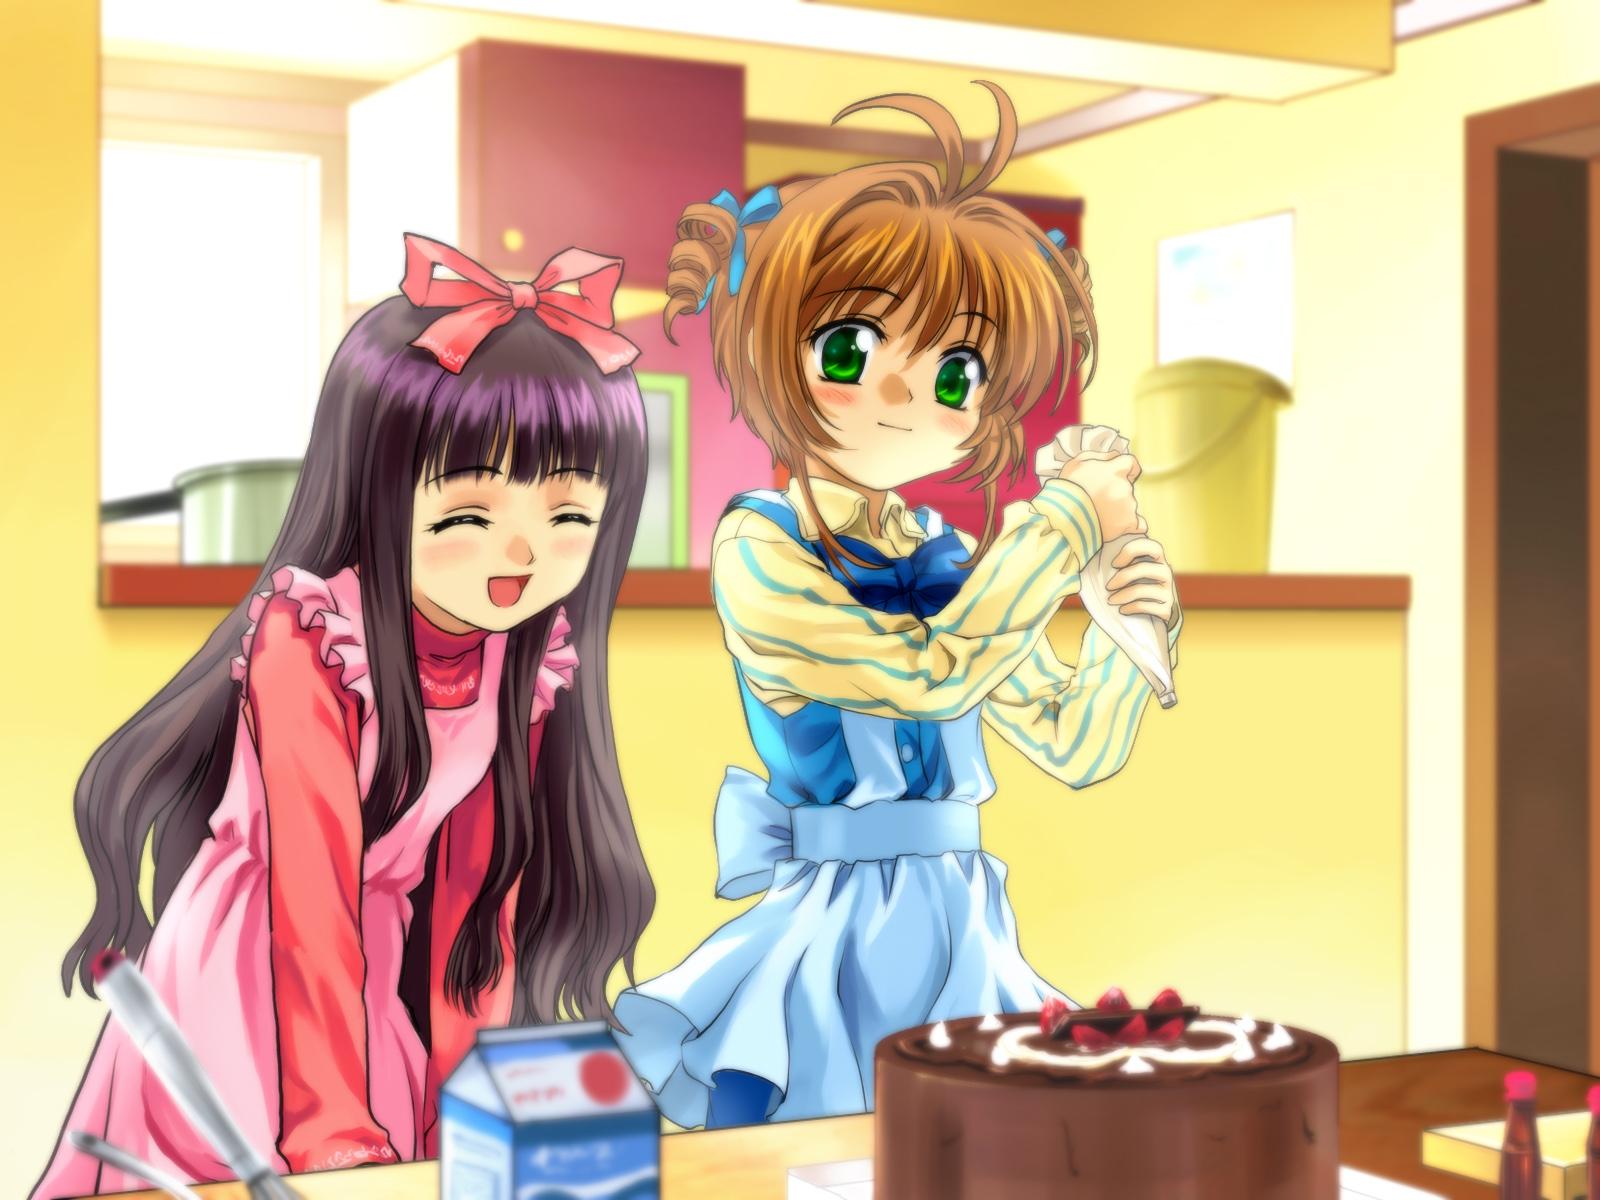 2girls apron black_hair blush brown_hair cake card_captor_sakura daidouji_tomoyo food fruit green_eyes kinomoto_sakura long_hair moonknives ribbons short_hair strawberry